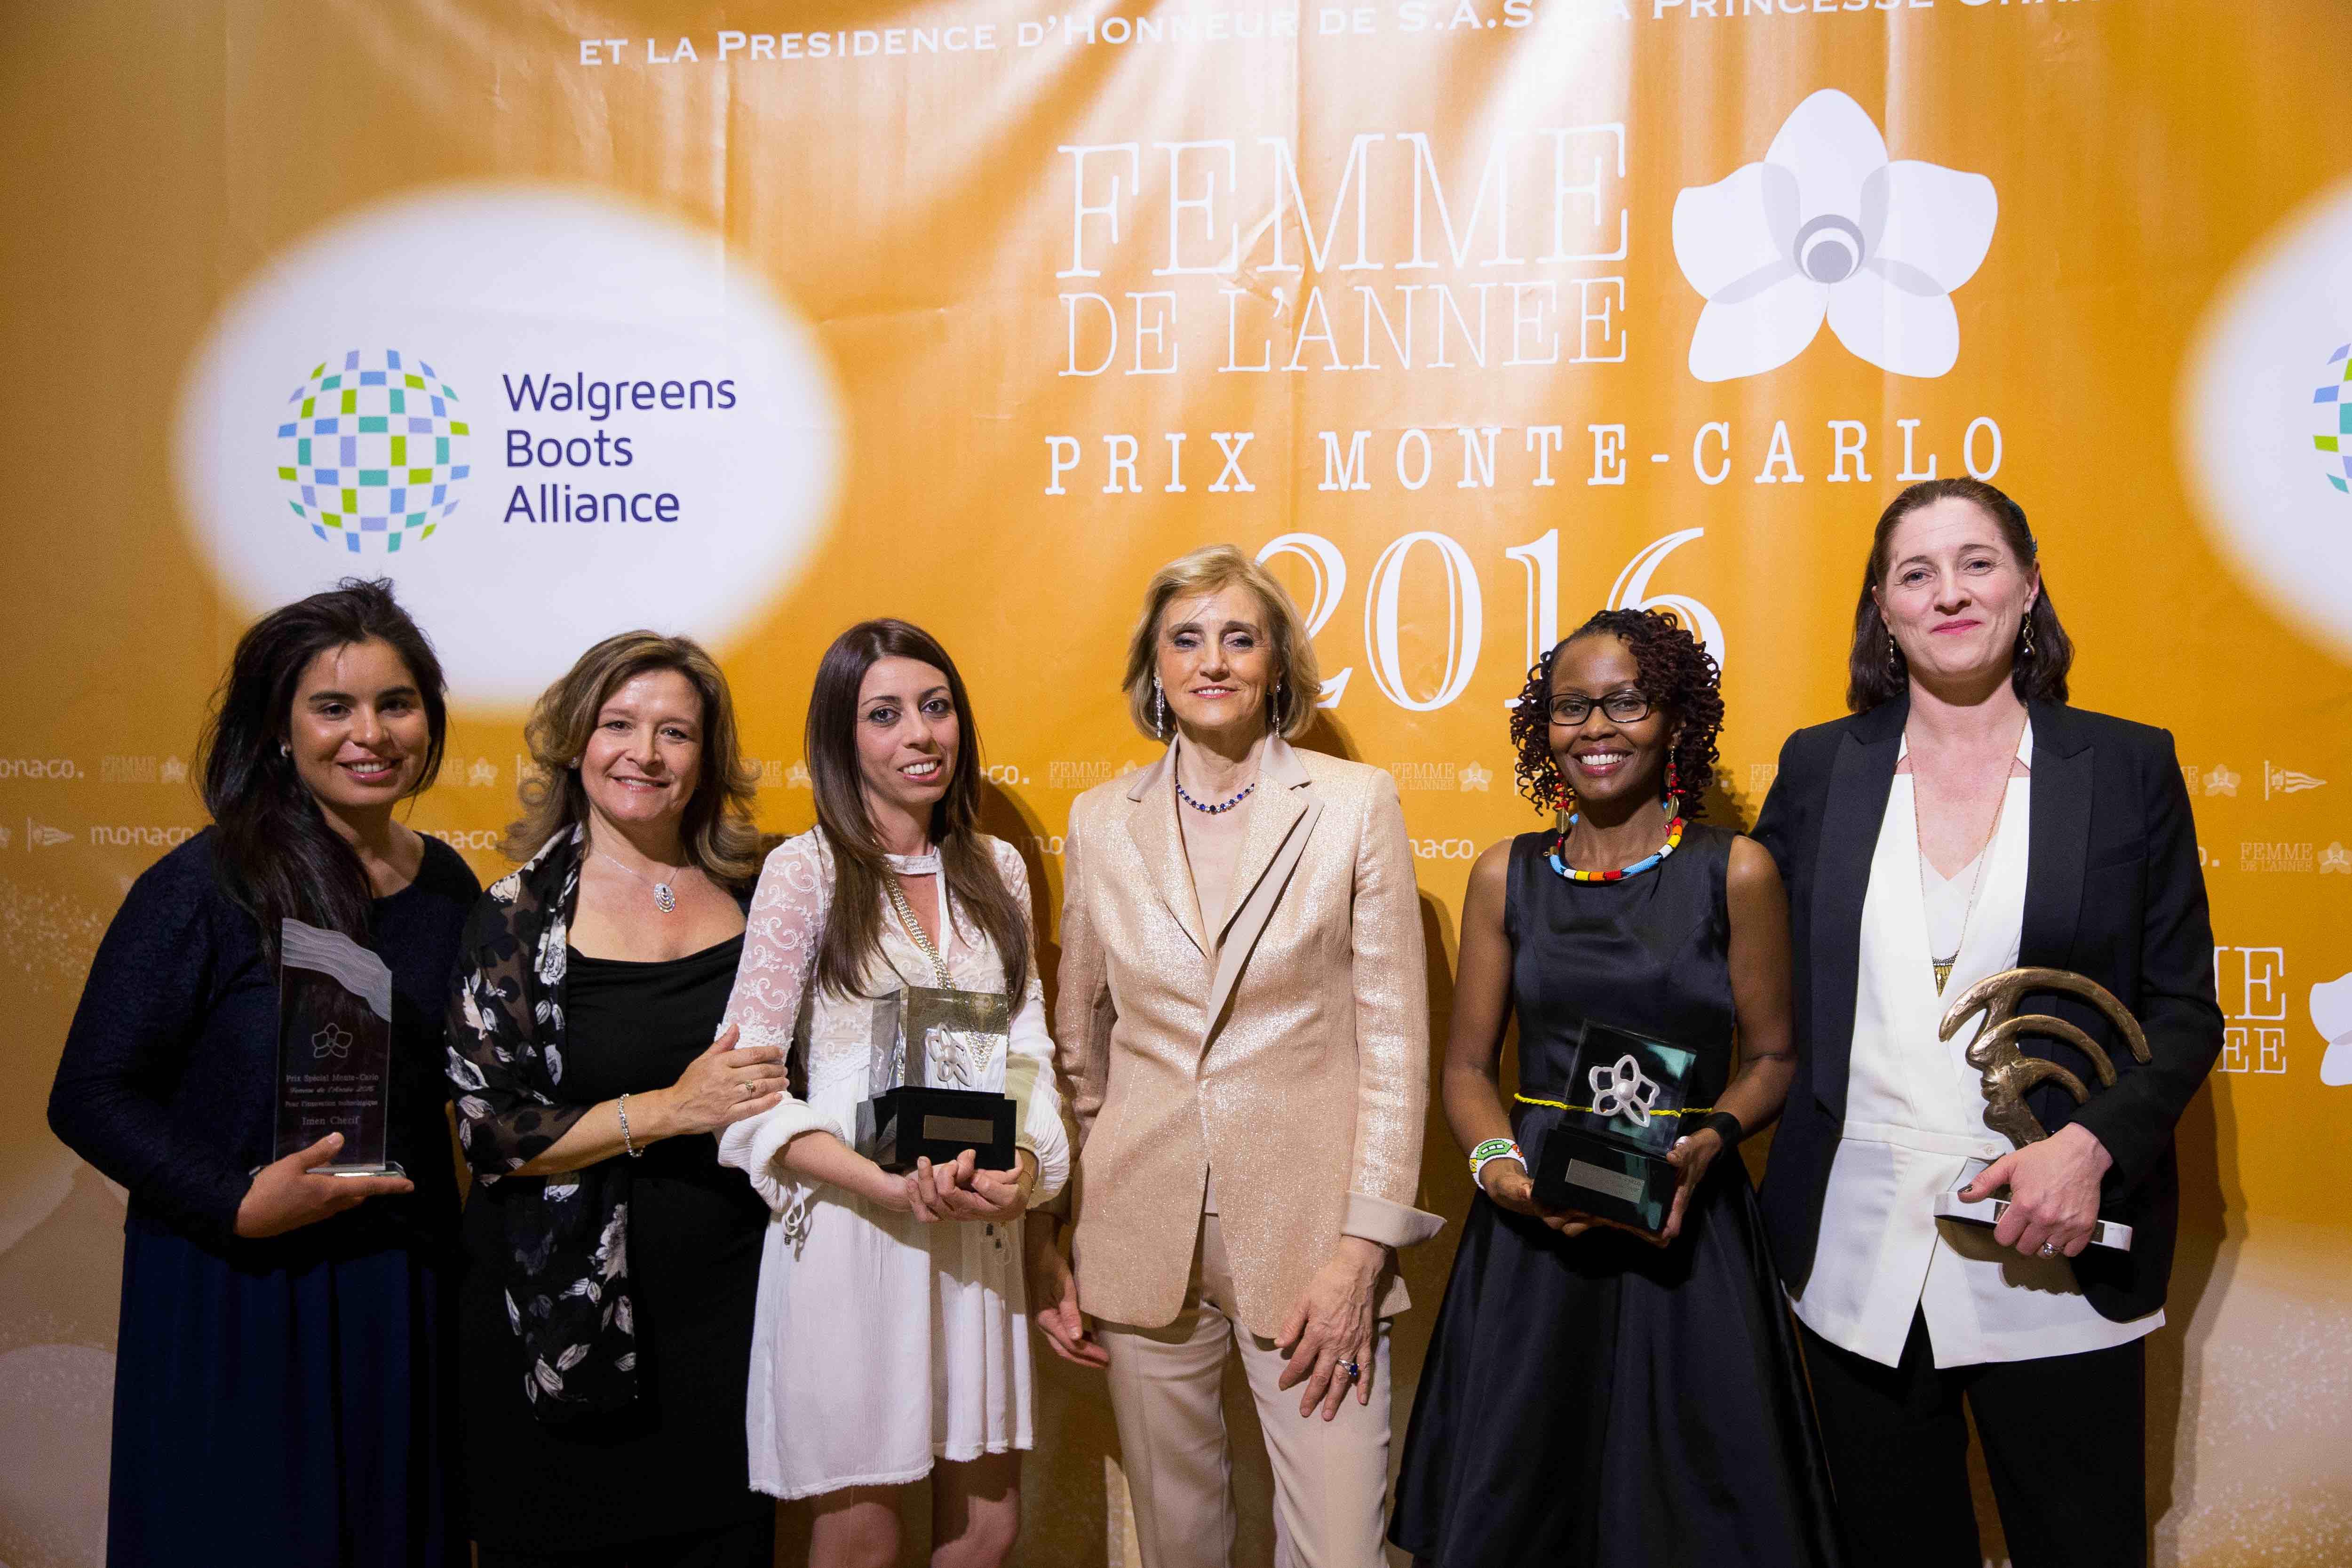 Prix_Monte-Carlo-Femme_de_l'Année